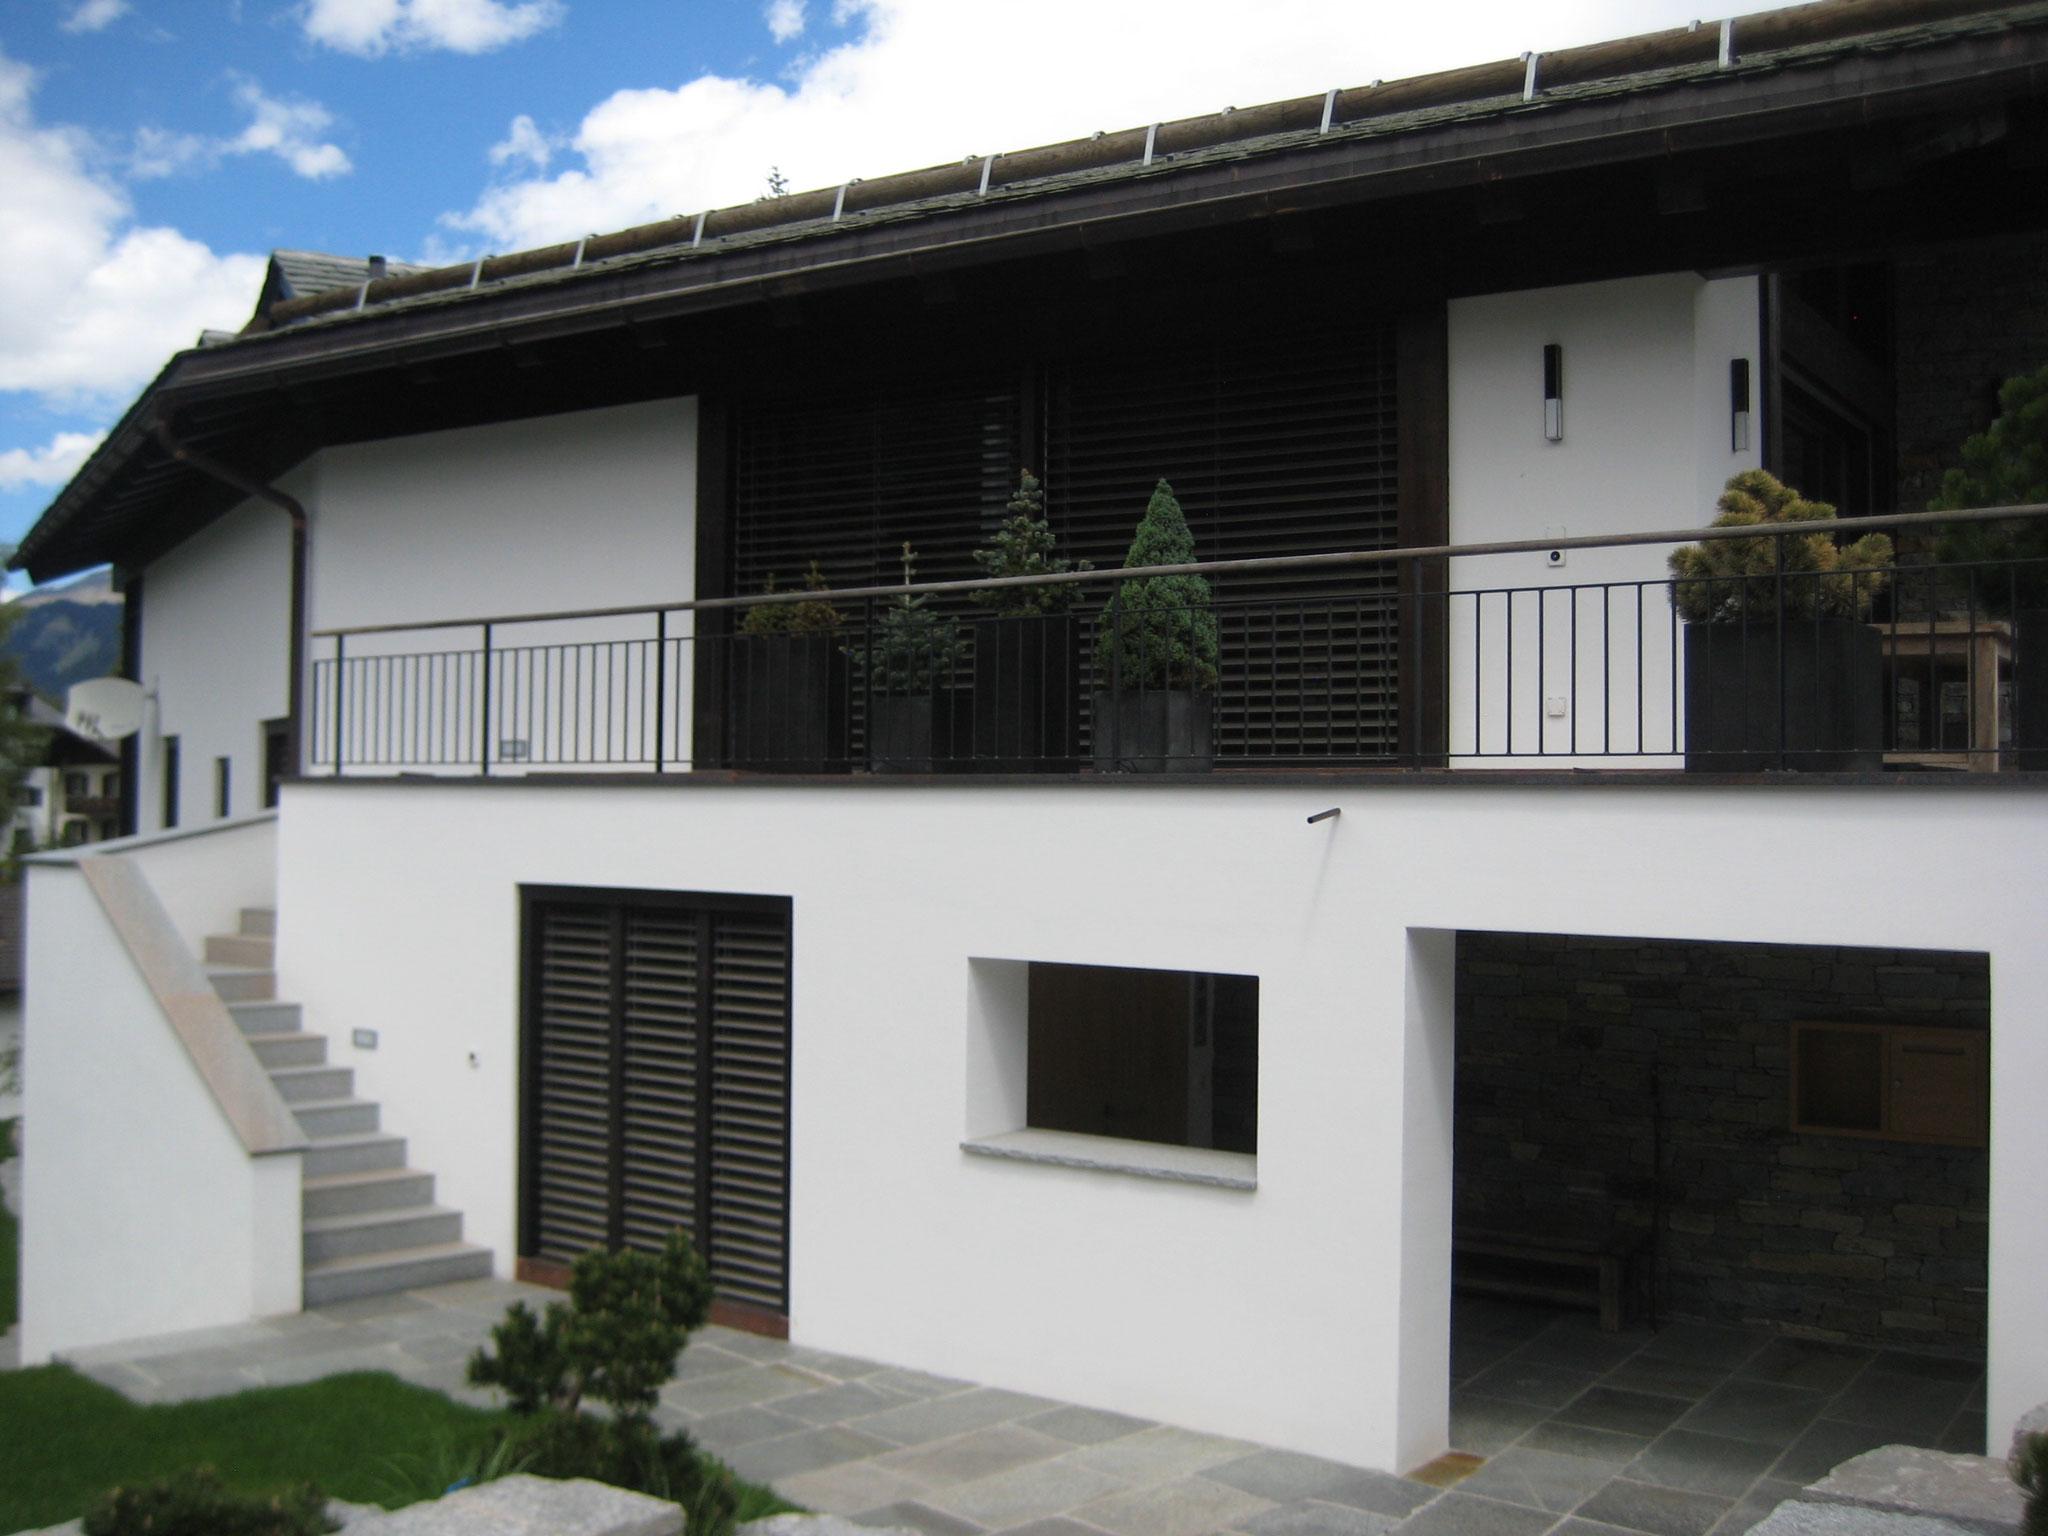 Terrassengeländer mit Holzhandlauf